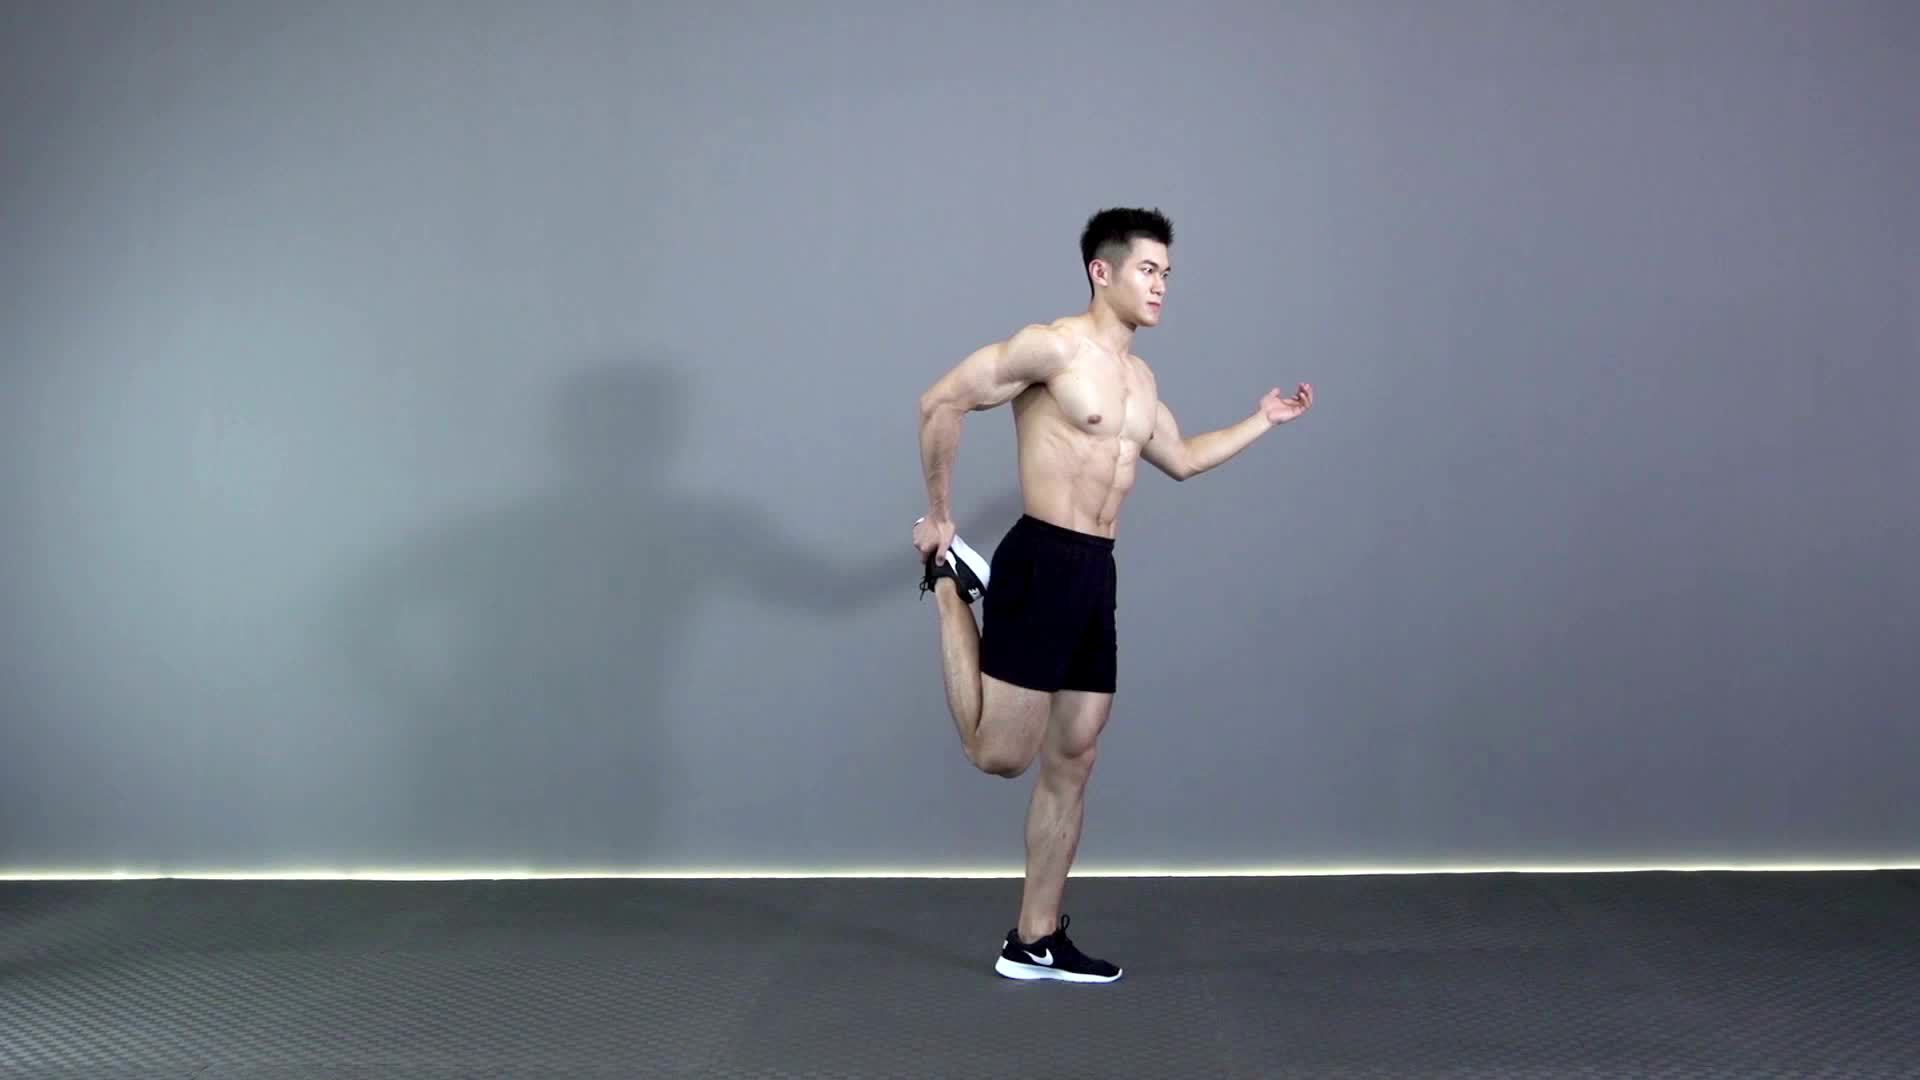 大腿前侧拉伸 R